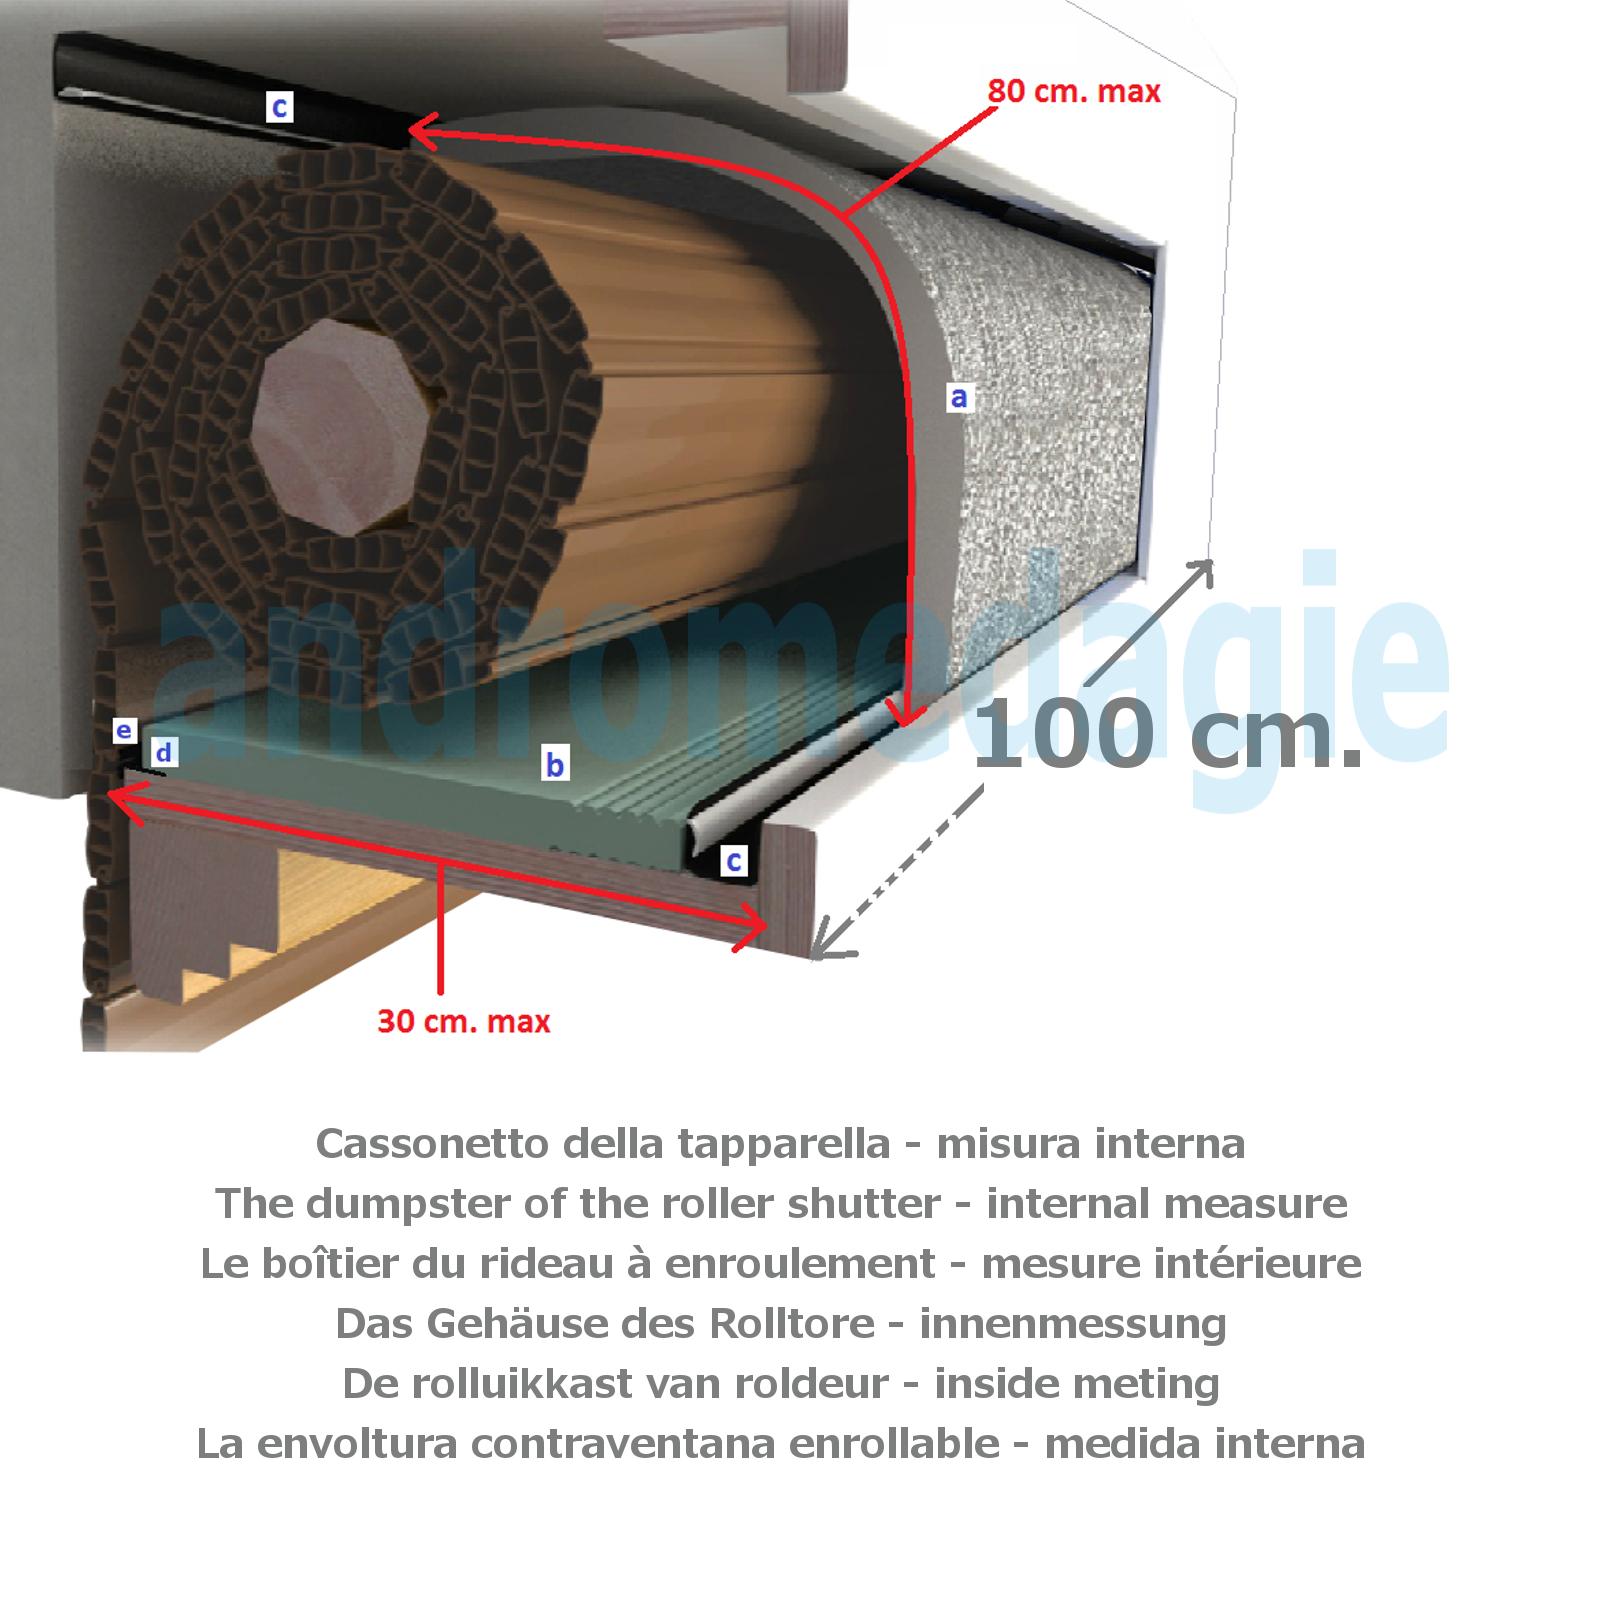 RF100 PROFESSIONAL KIT RENOVA SYSTEM FOR ROLLER SHUTTERS